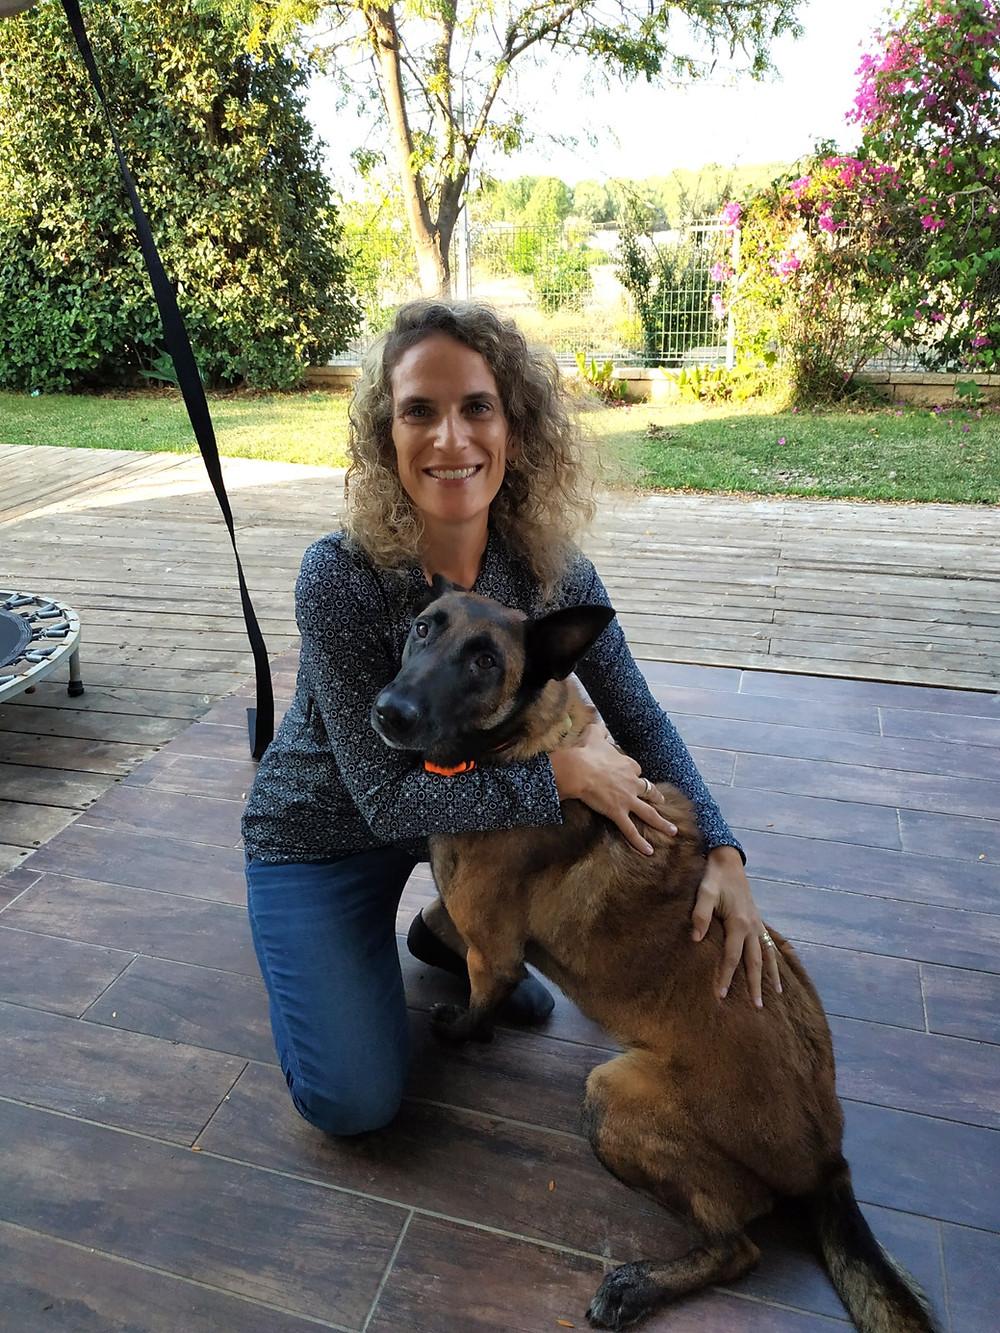 """בתמונה: ד""""ר אורנה שטטר מראה דוגמה אישית עם הכלבלבה המהממת שלה"""